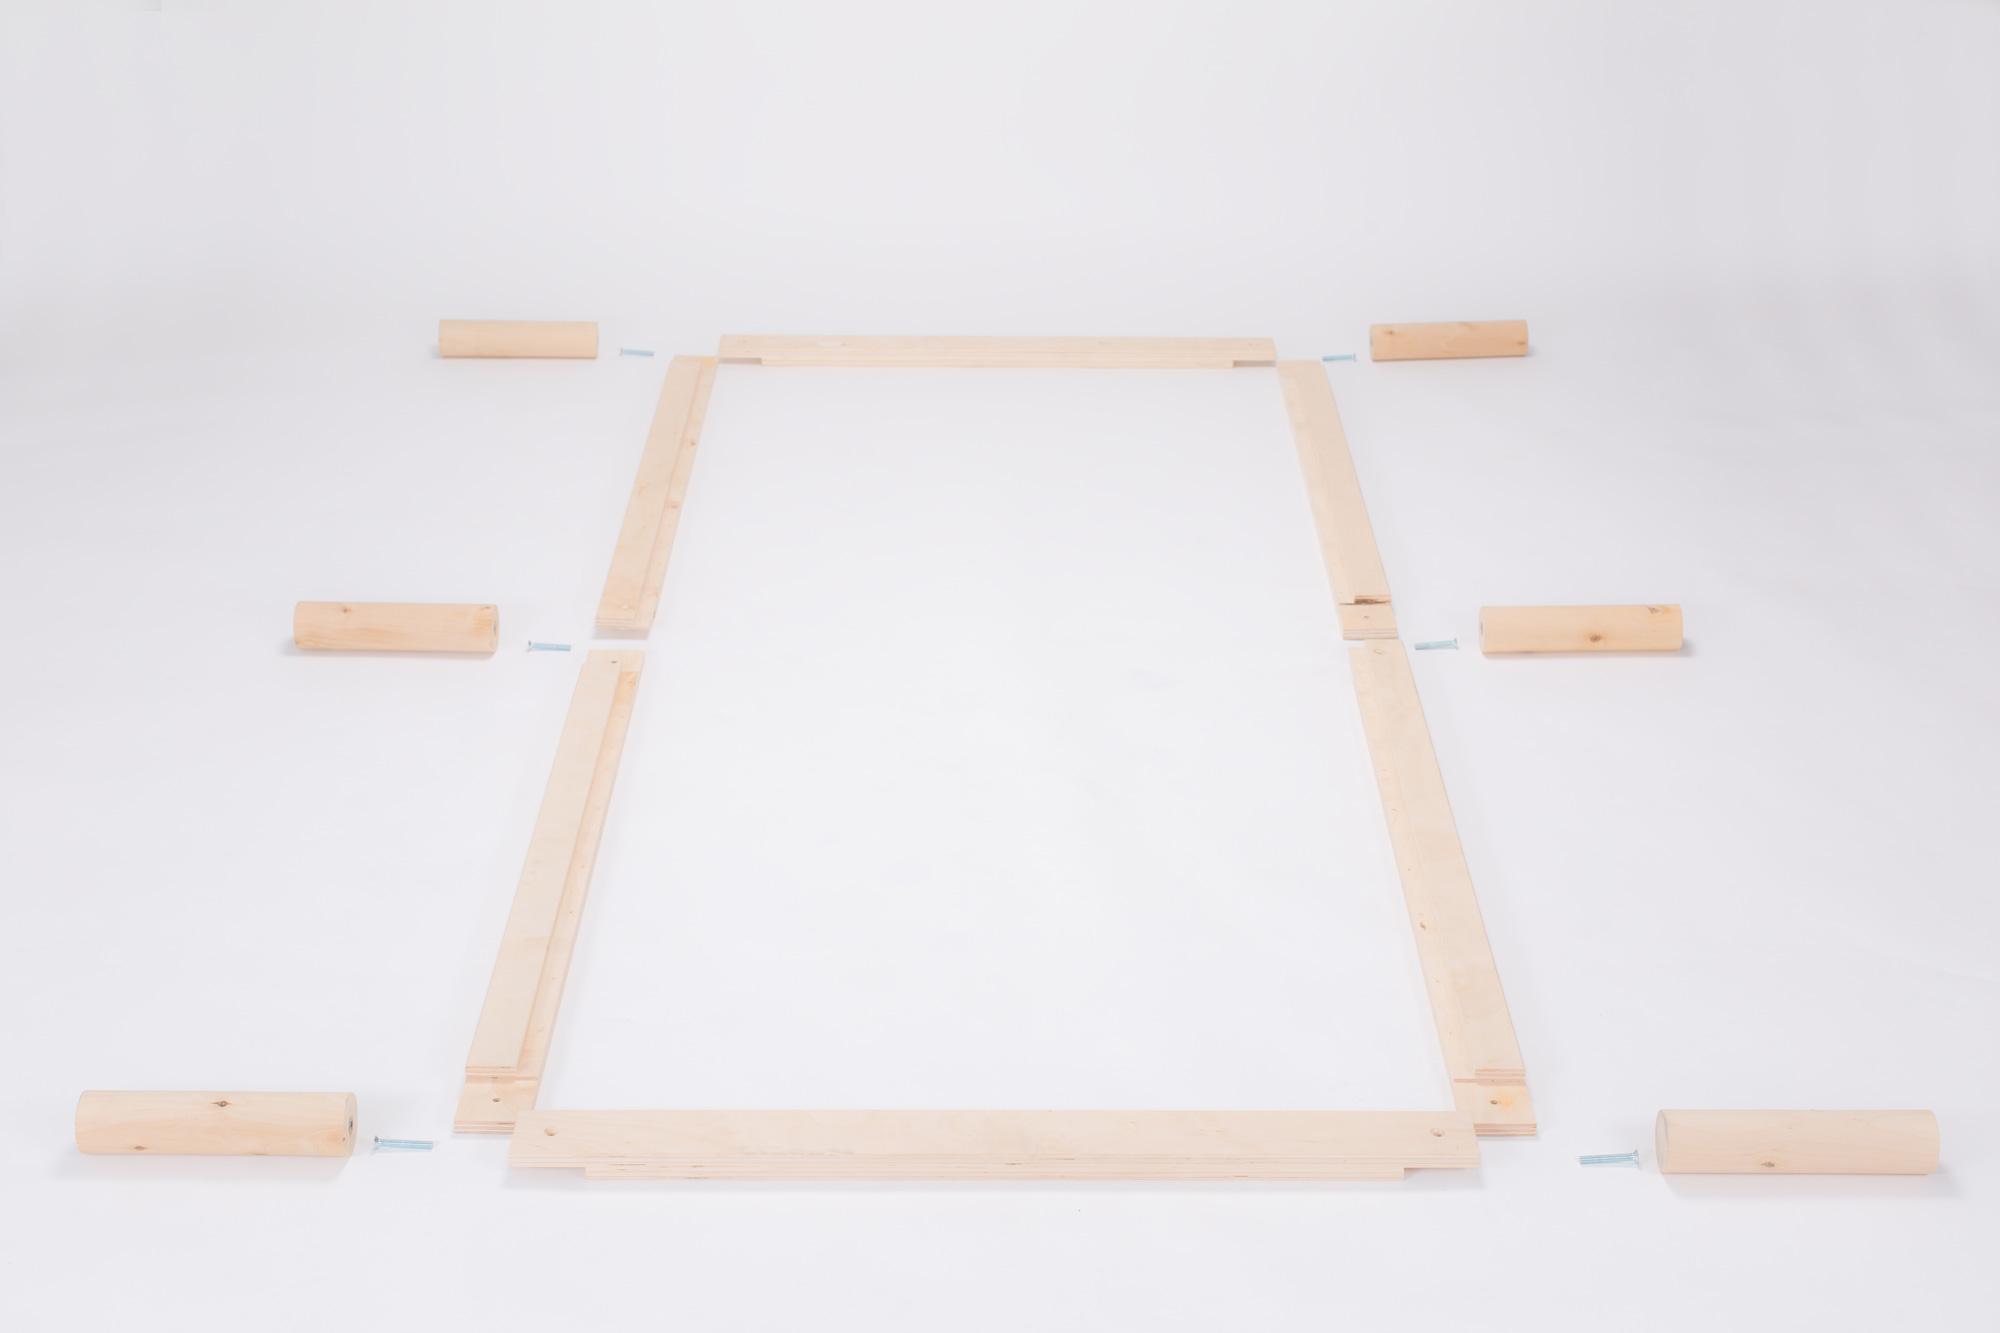 Gigapur G1 26875 Bett   Lattenrost und Bettgestell   Birke Natur Schicht-Holz   Bettrahmen belastbar bis 195 Kg   80 x 200 cm